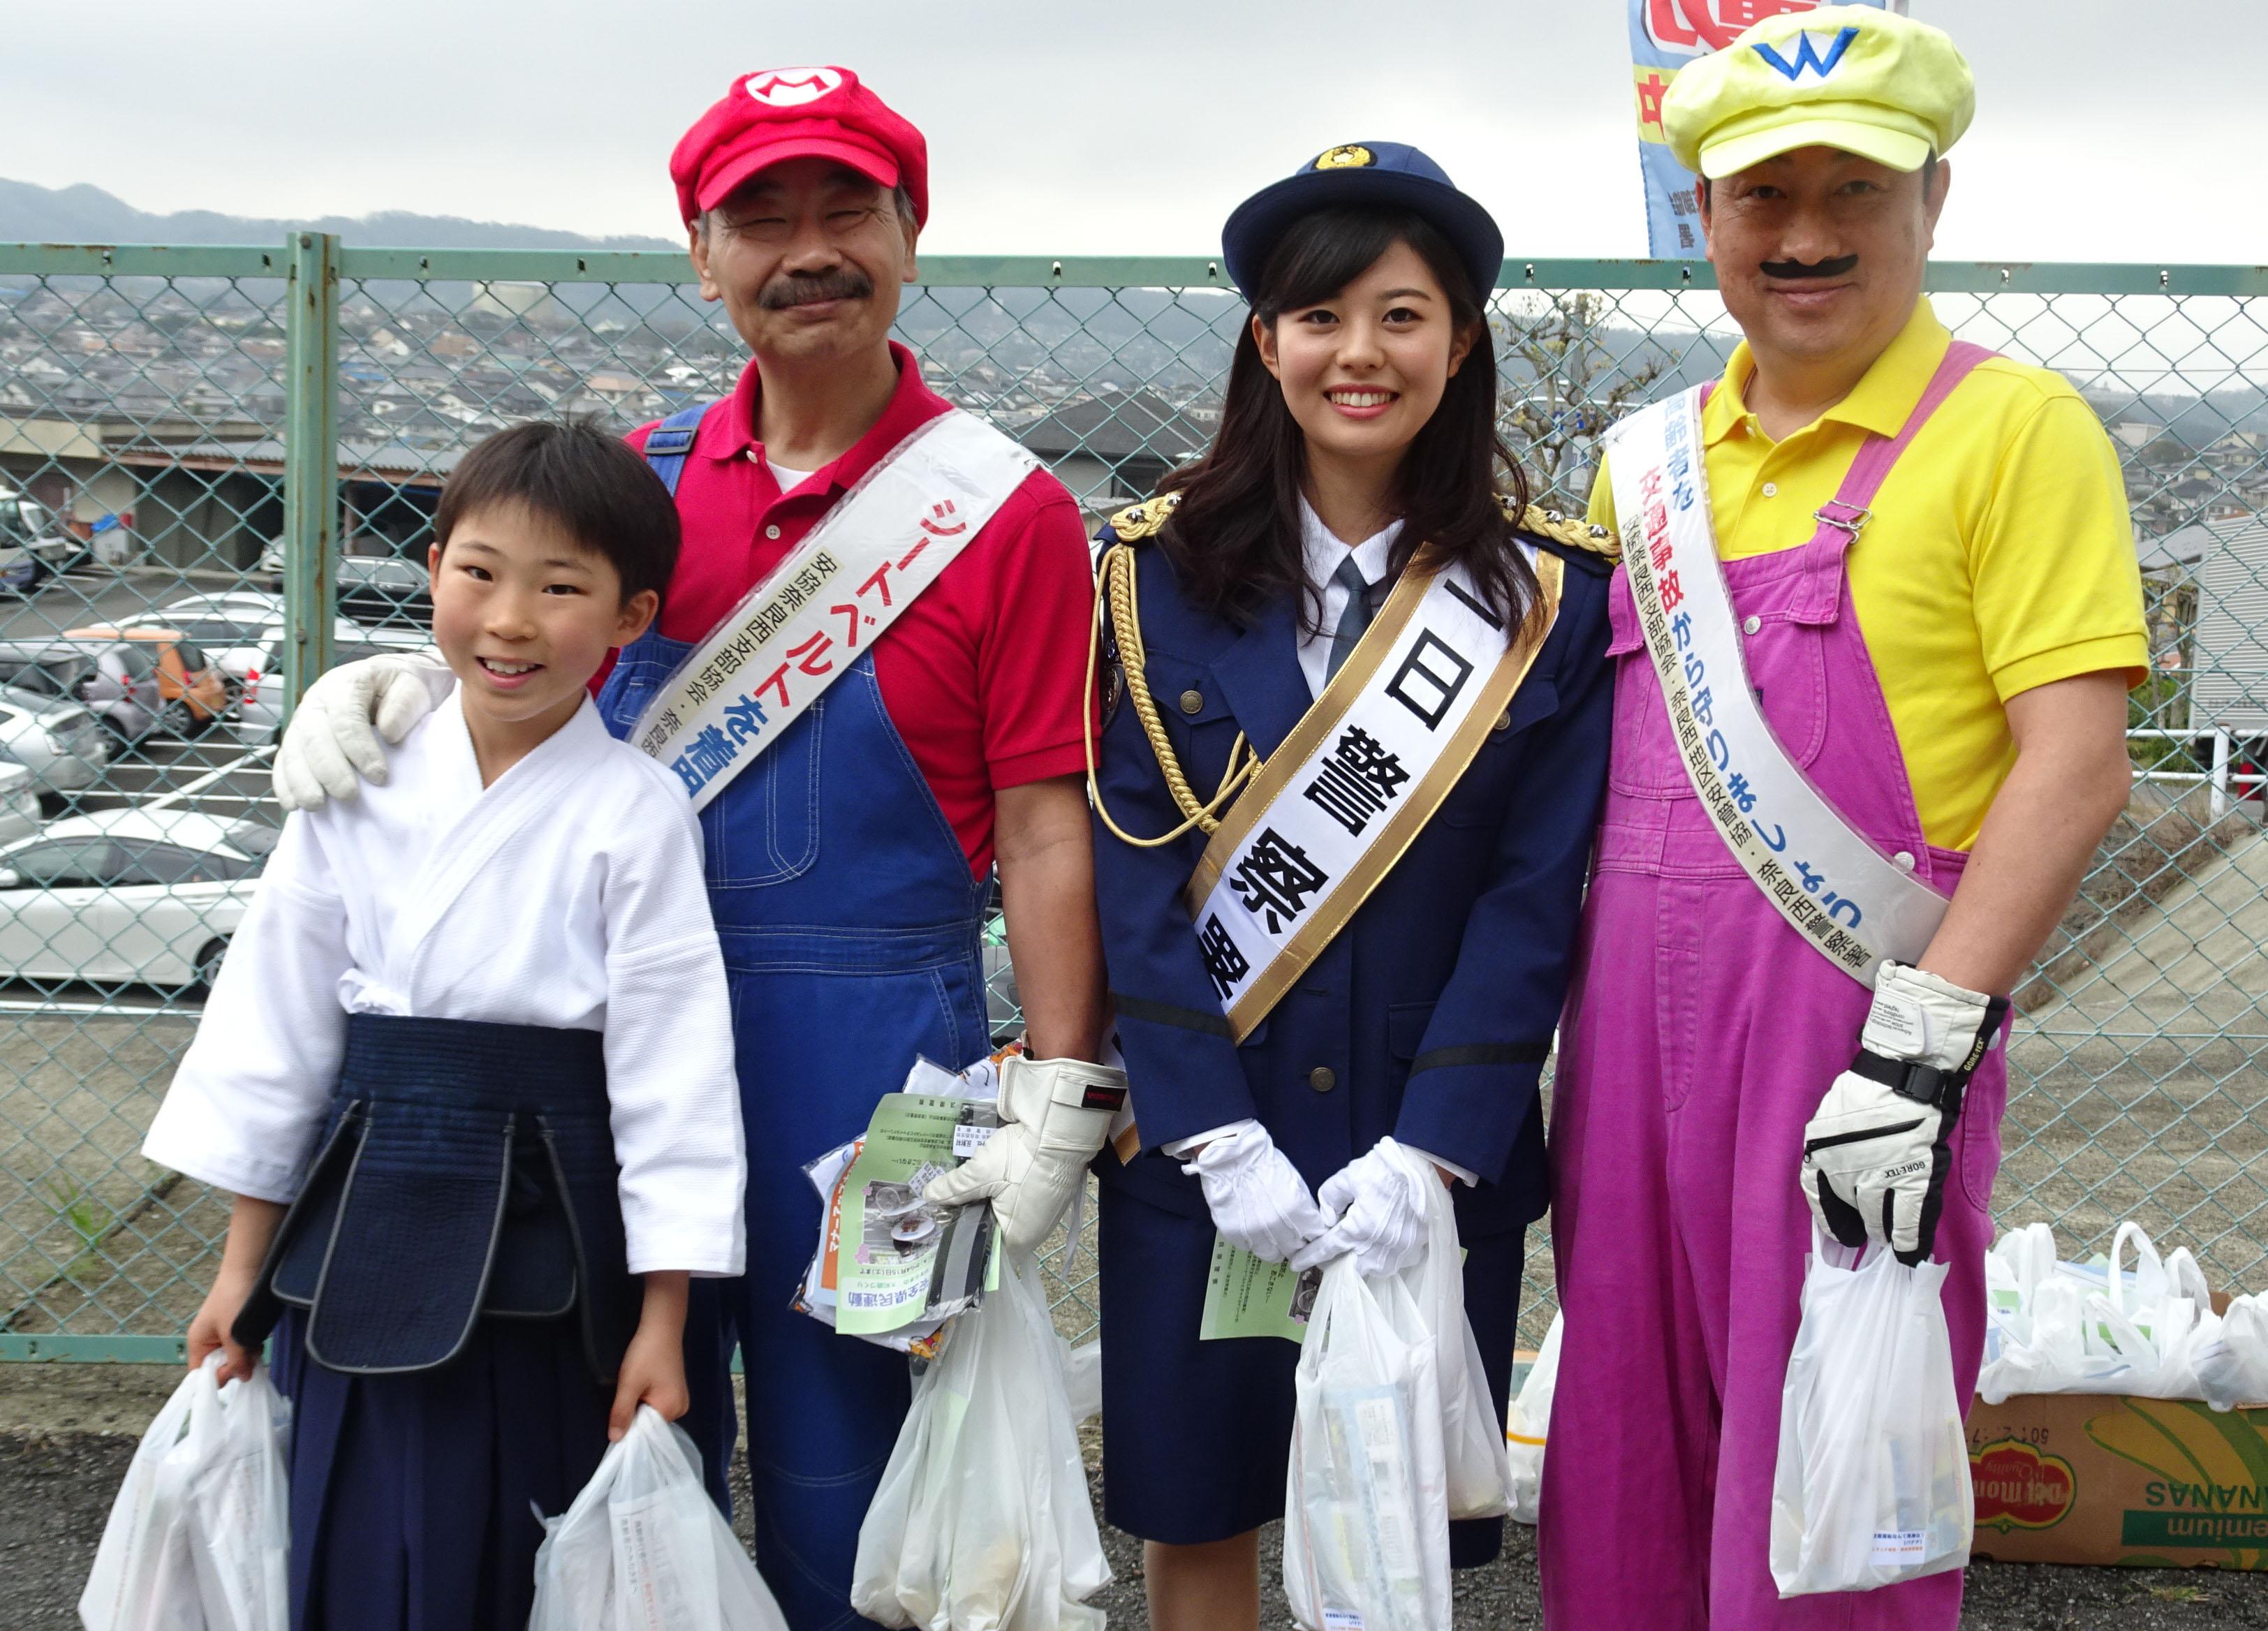 マリオチーム、少年剣士と。笑顔でイベントに華を添えました